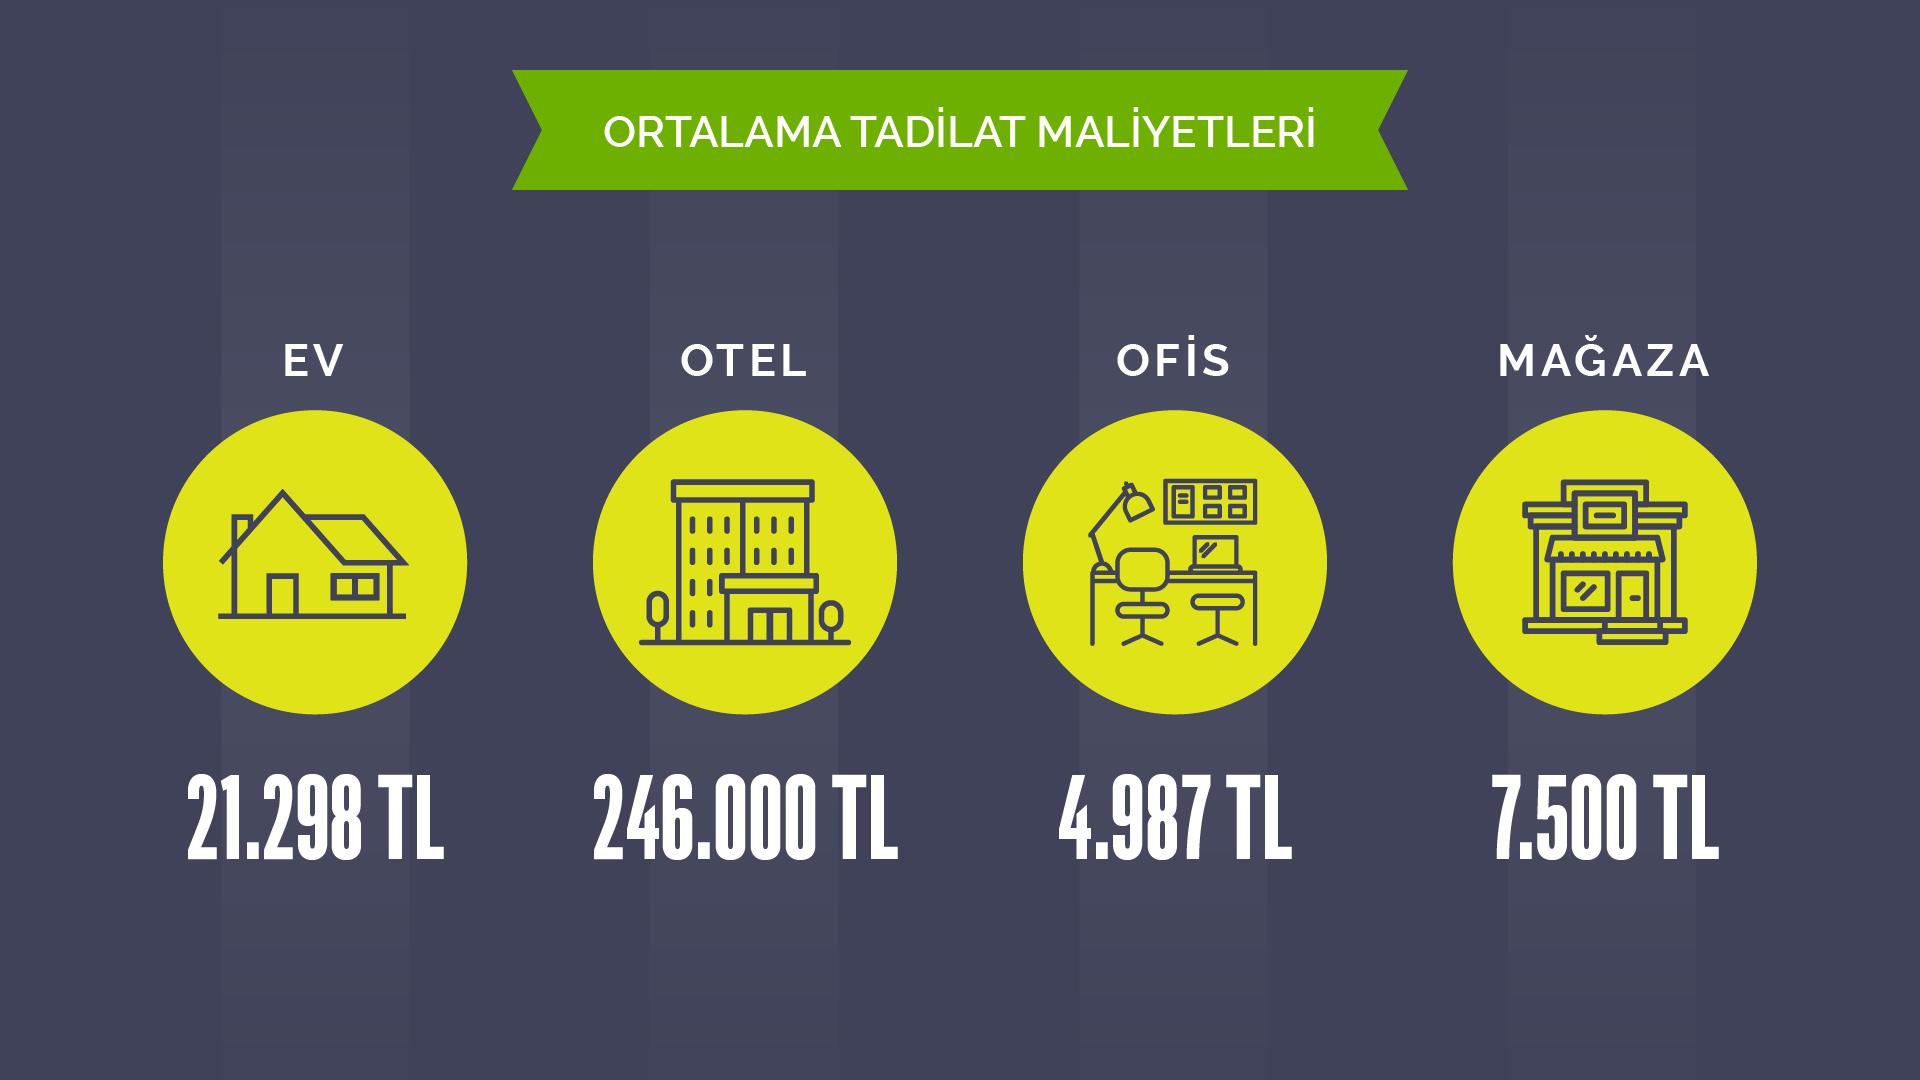 Türkiye'de ortalama tadilat maliyetleri